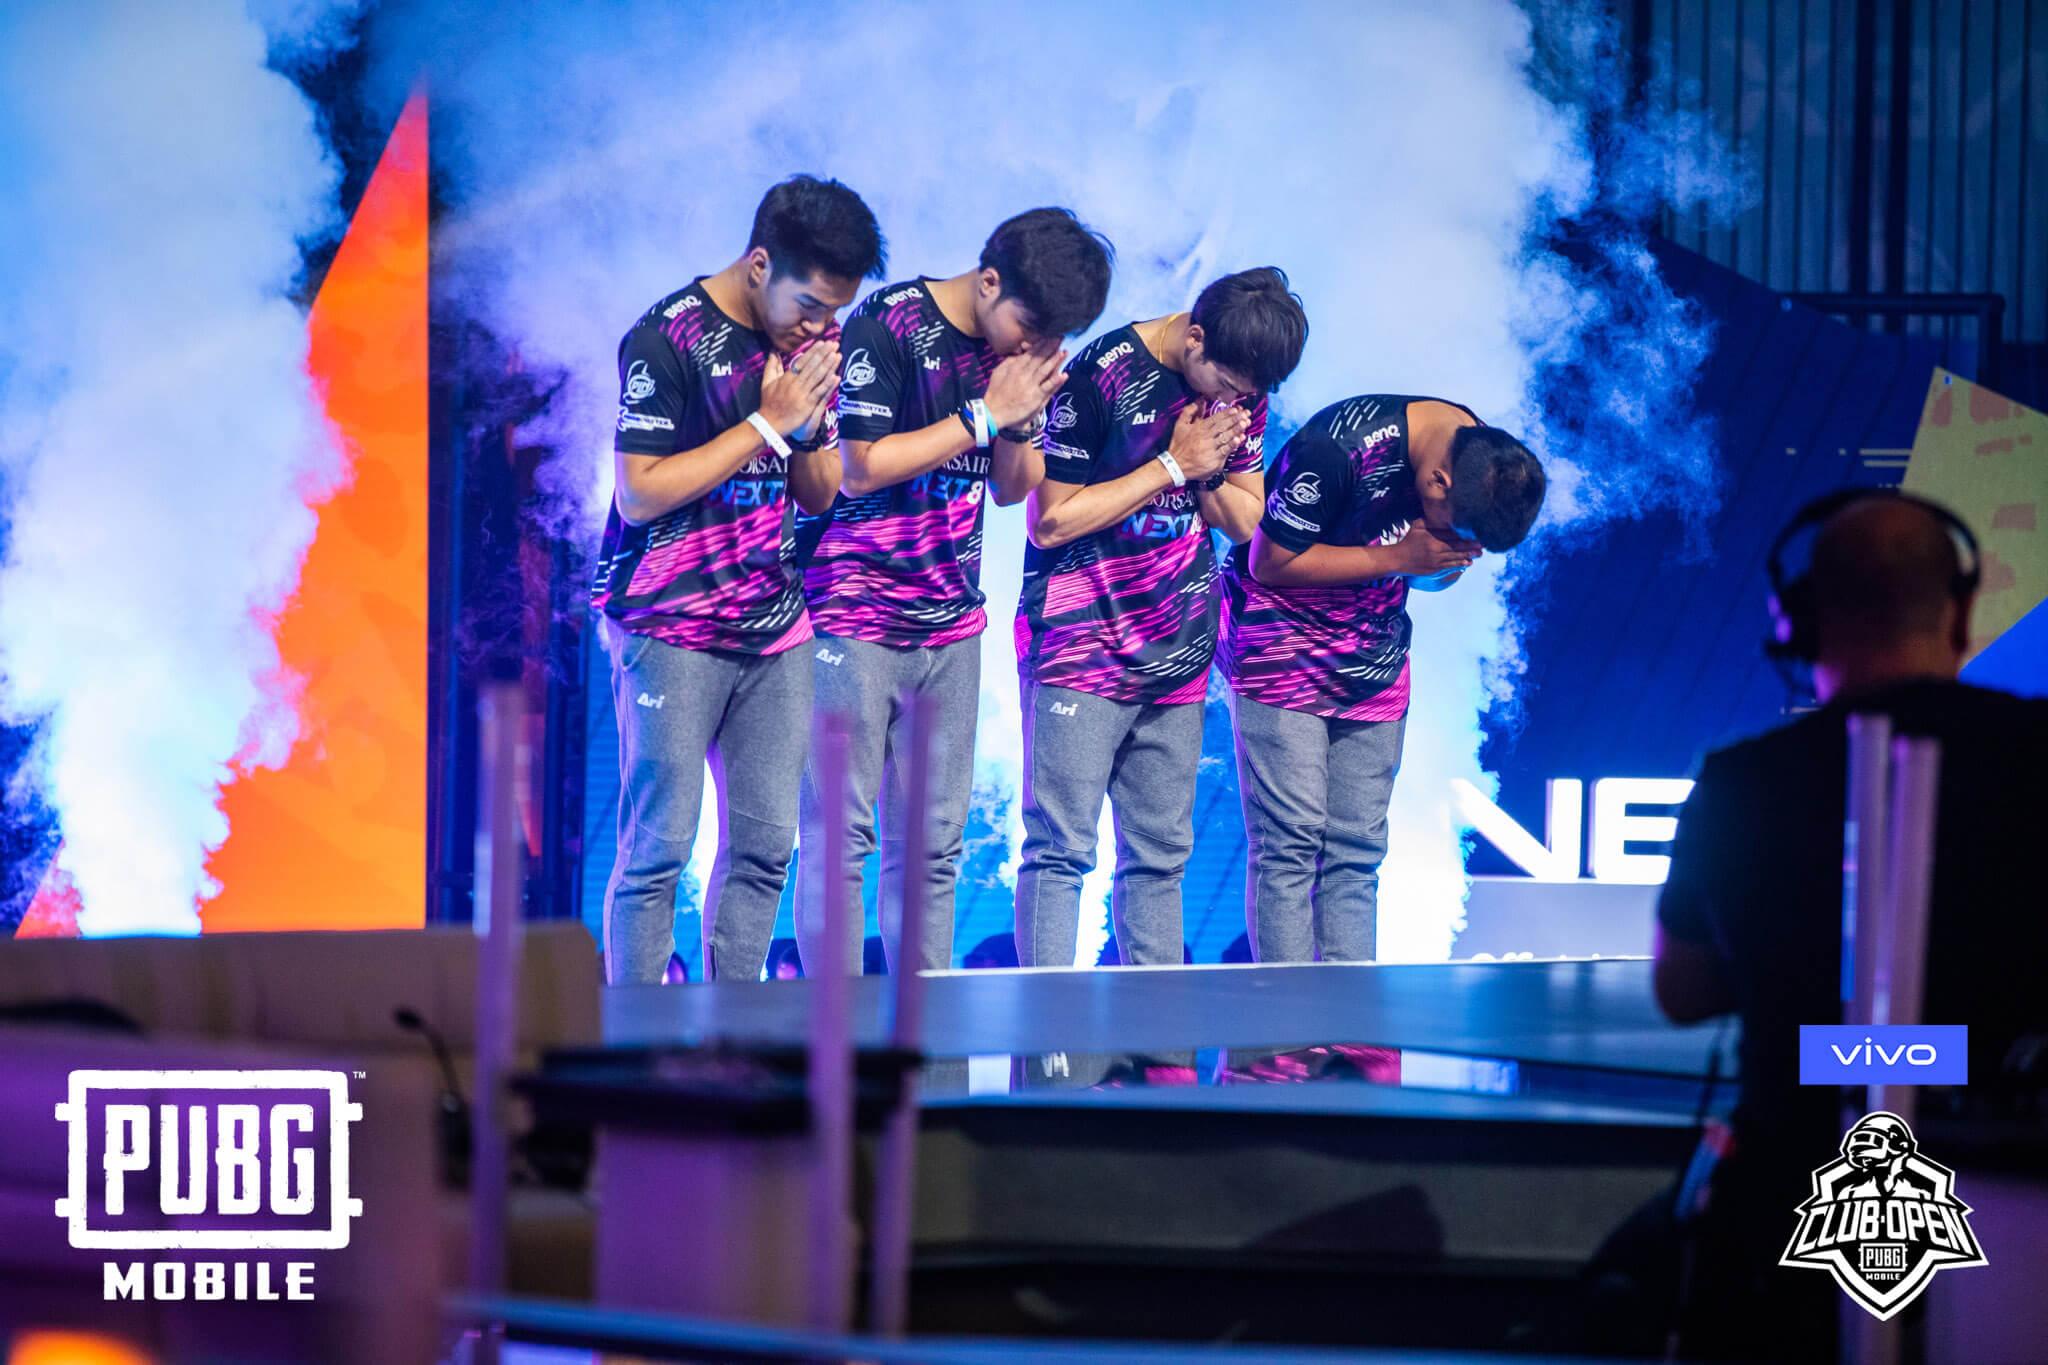 ทีมอีสปอร์ตประเทศไทย